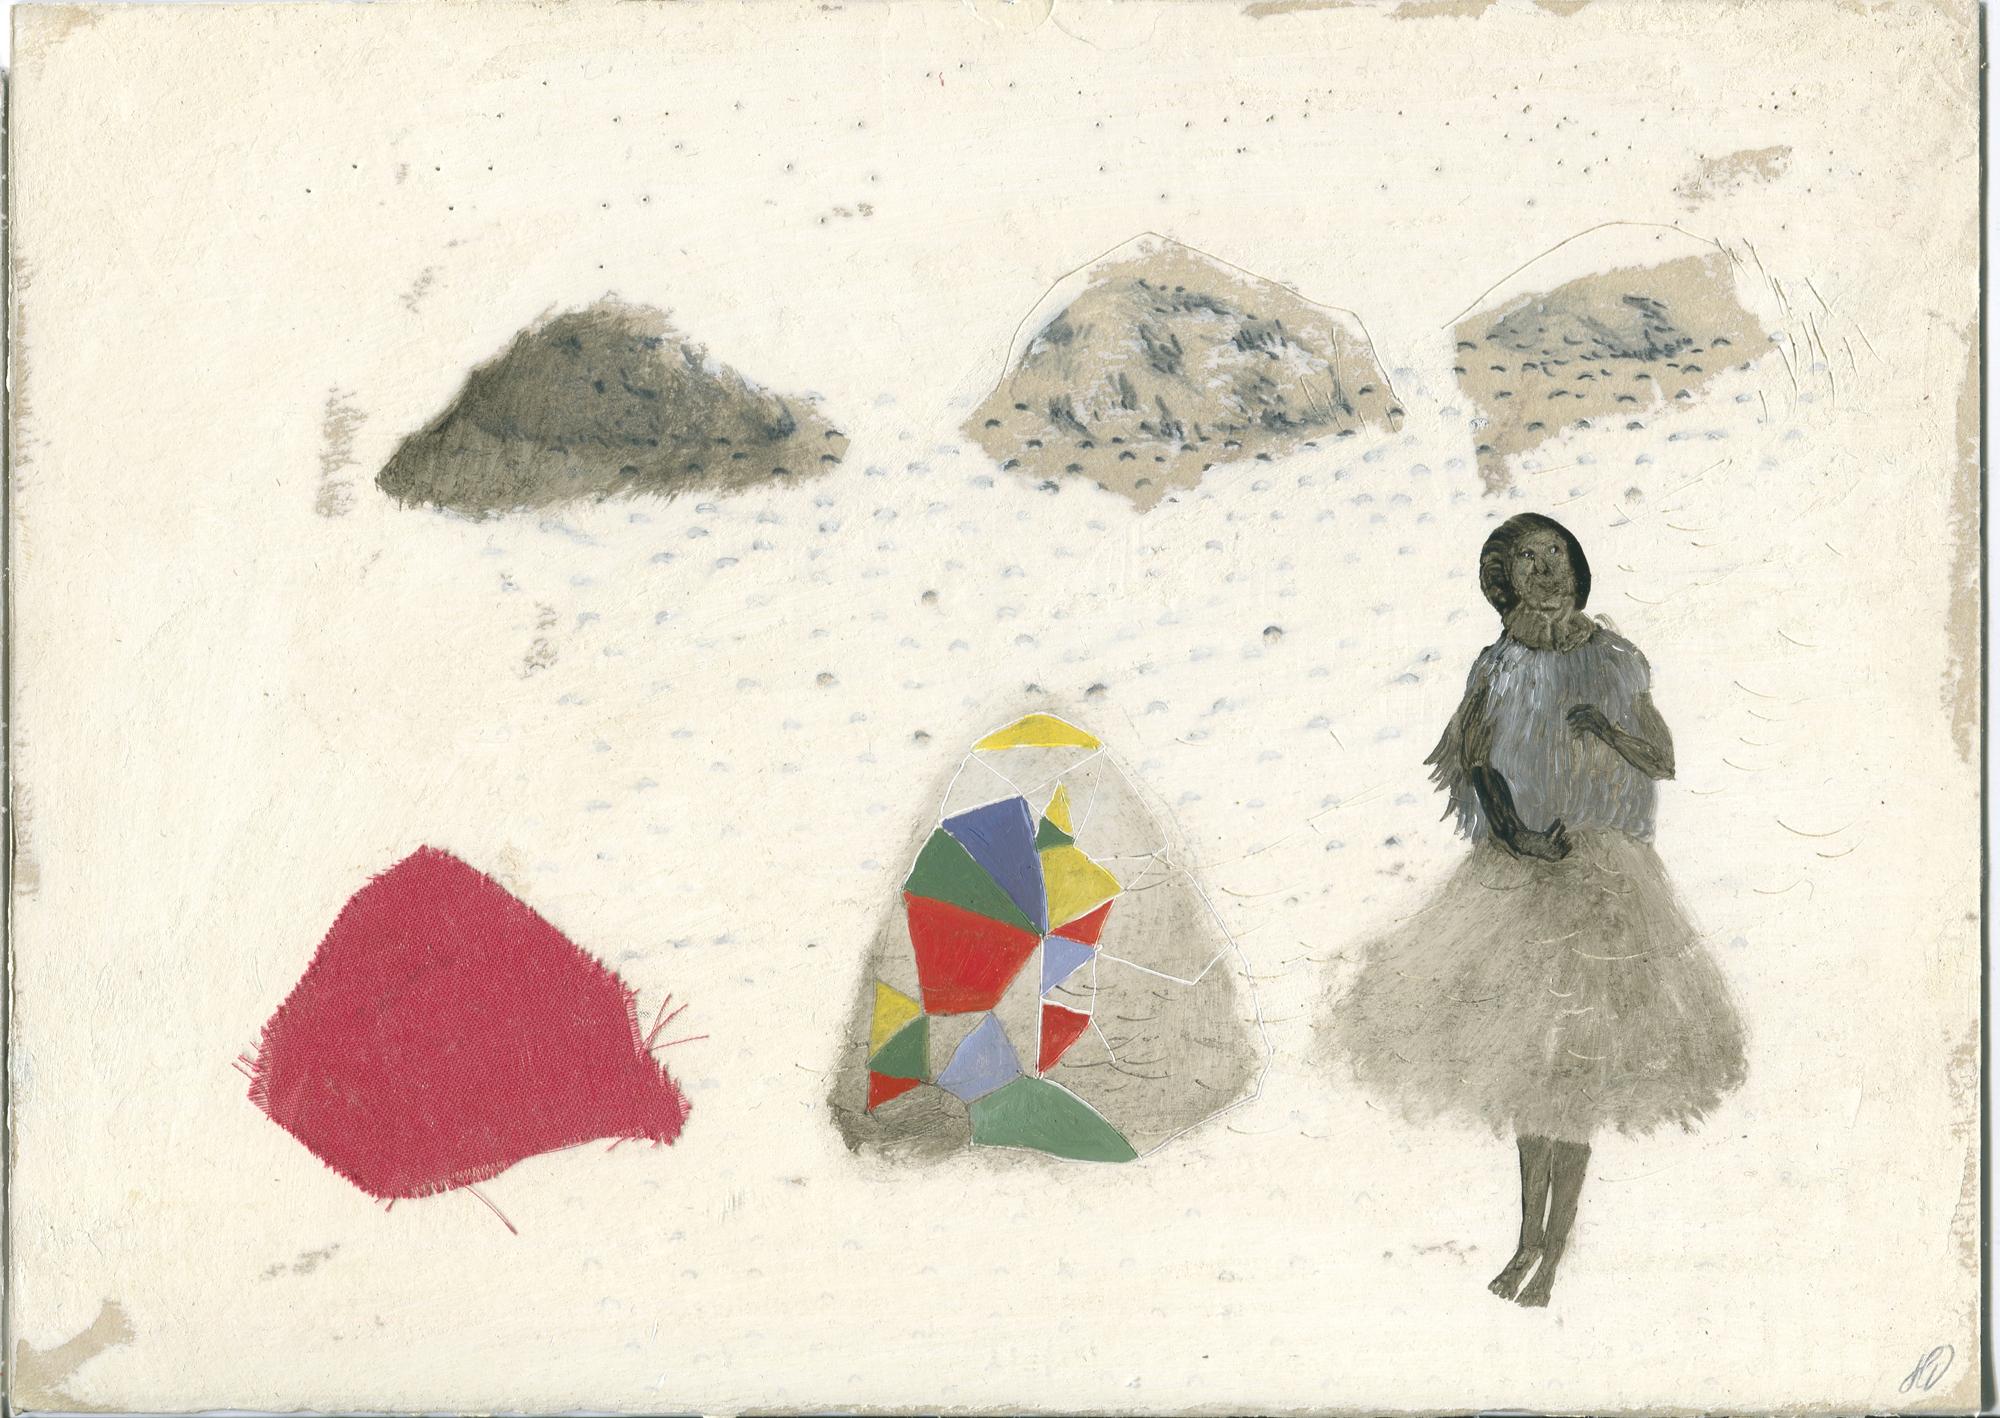 La femme aux multiples facettes - Série : dans le cœur, l'hiver - hélène duclos